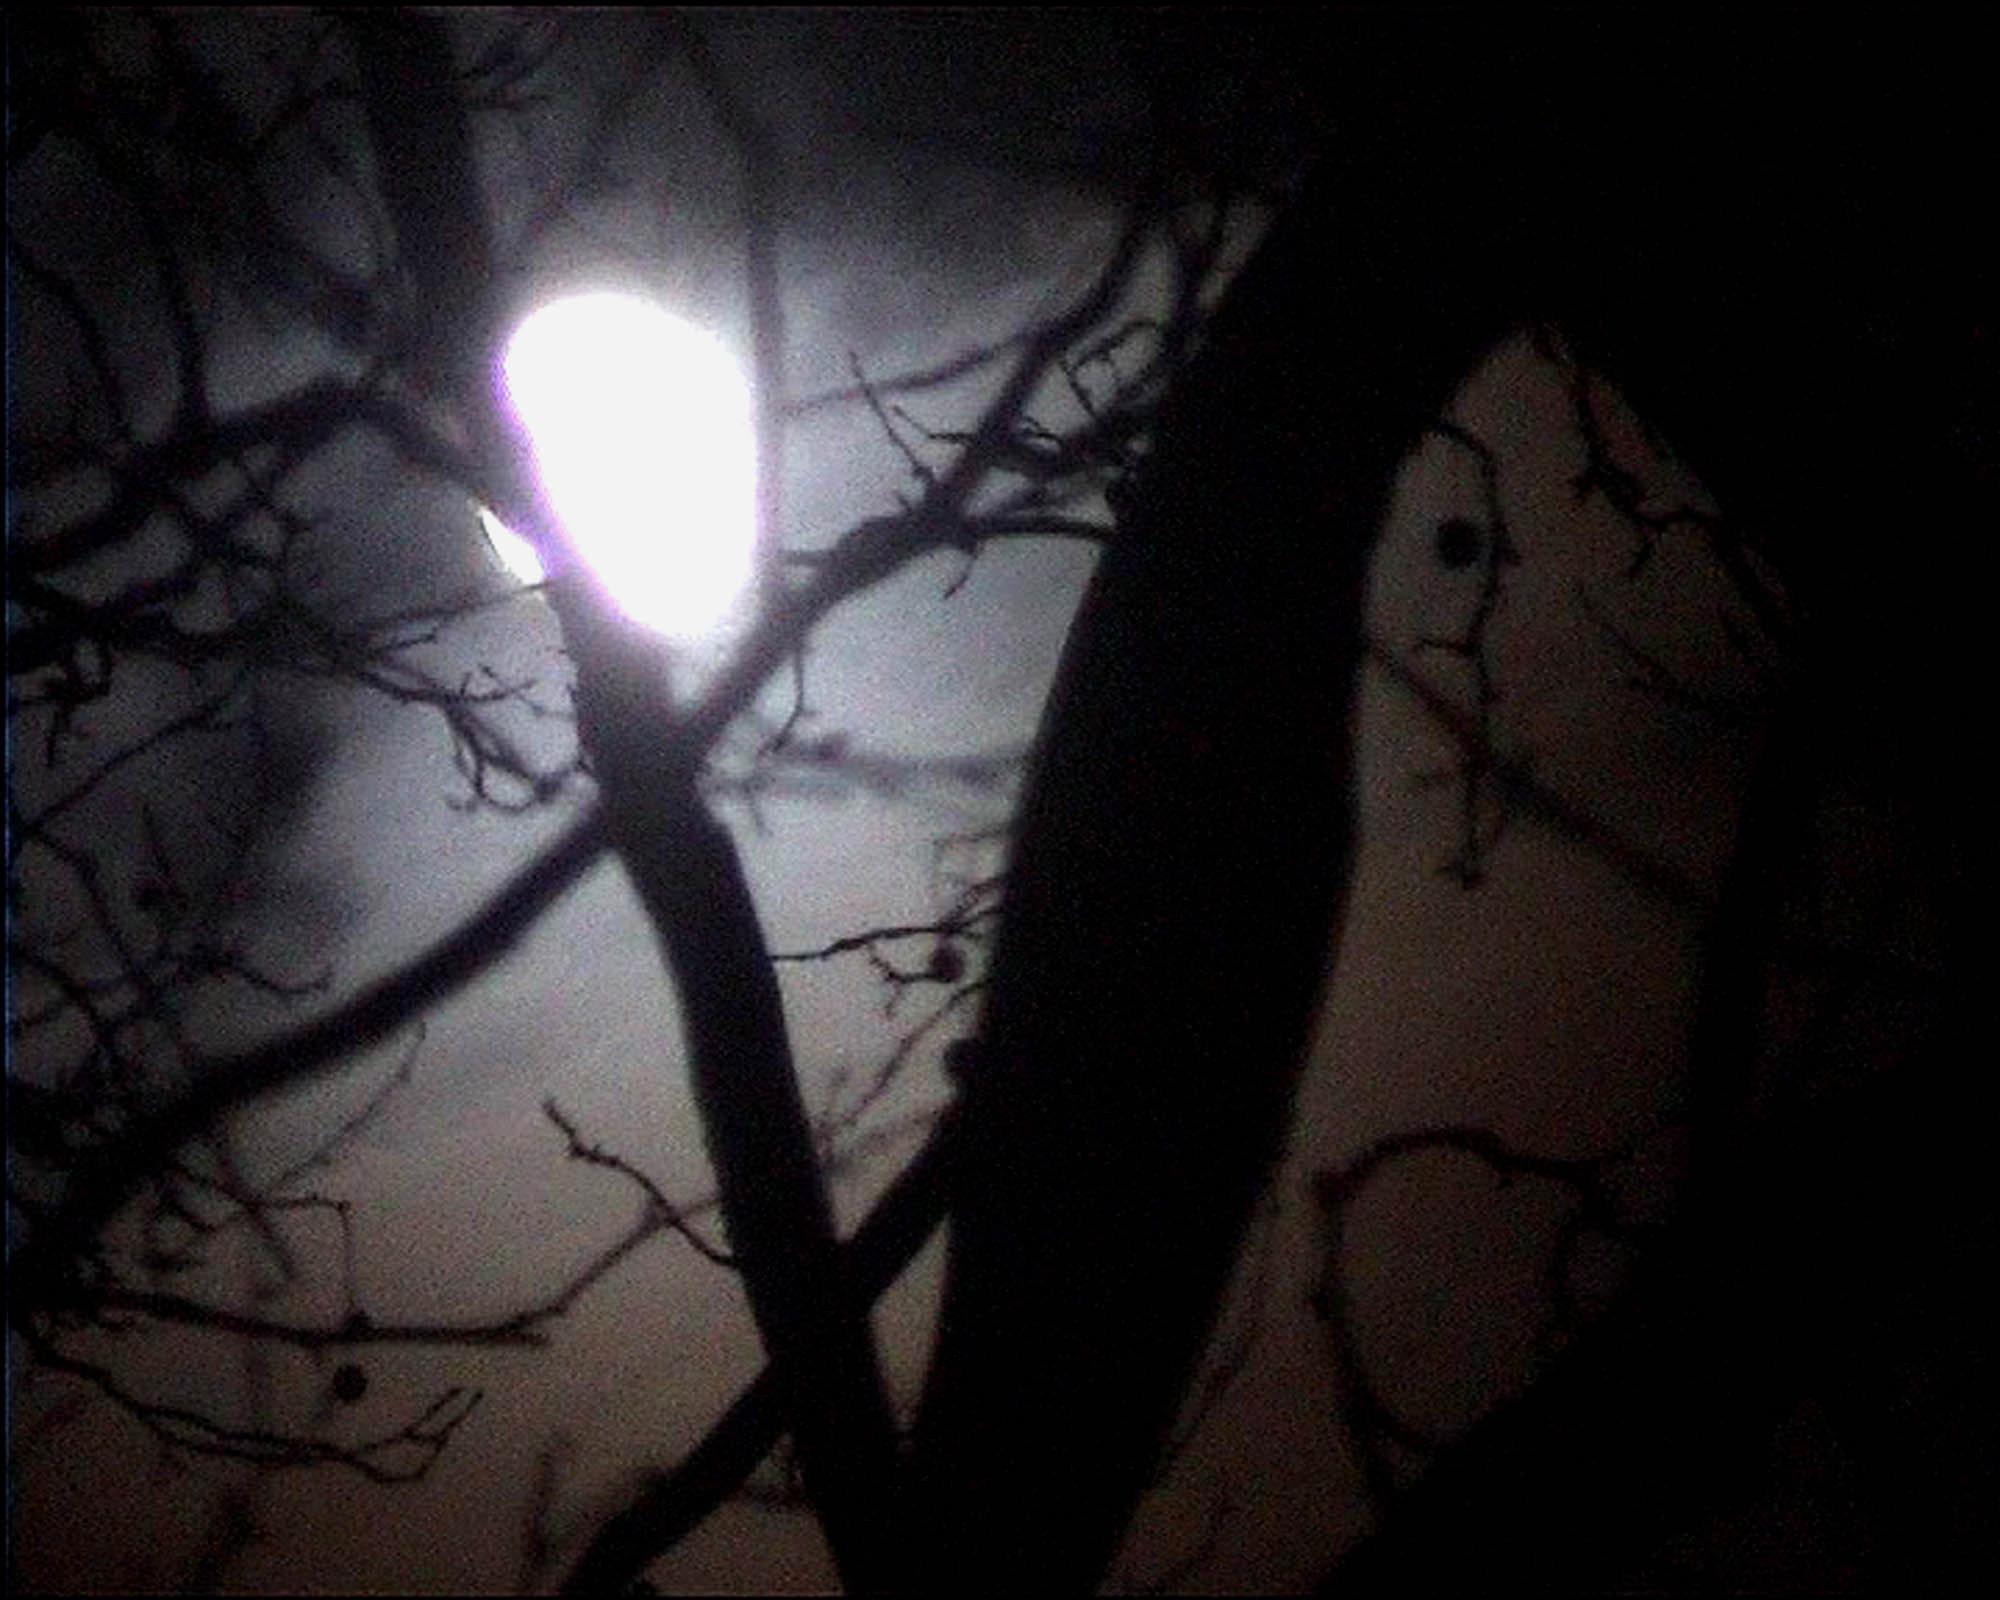 Nan Hoover La Luna 2002 (1 of 2)